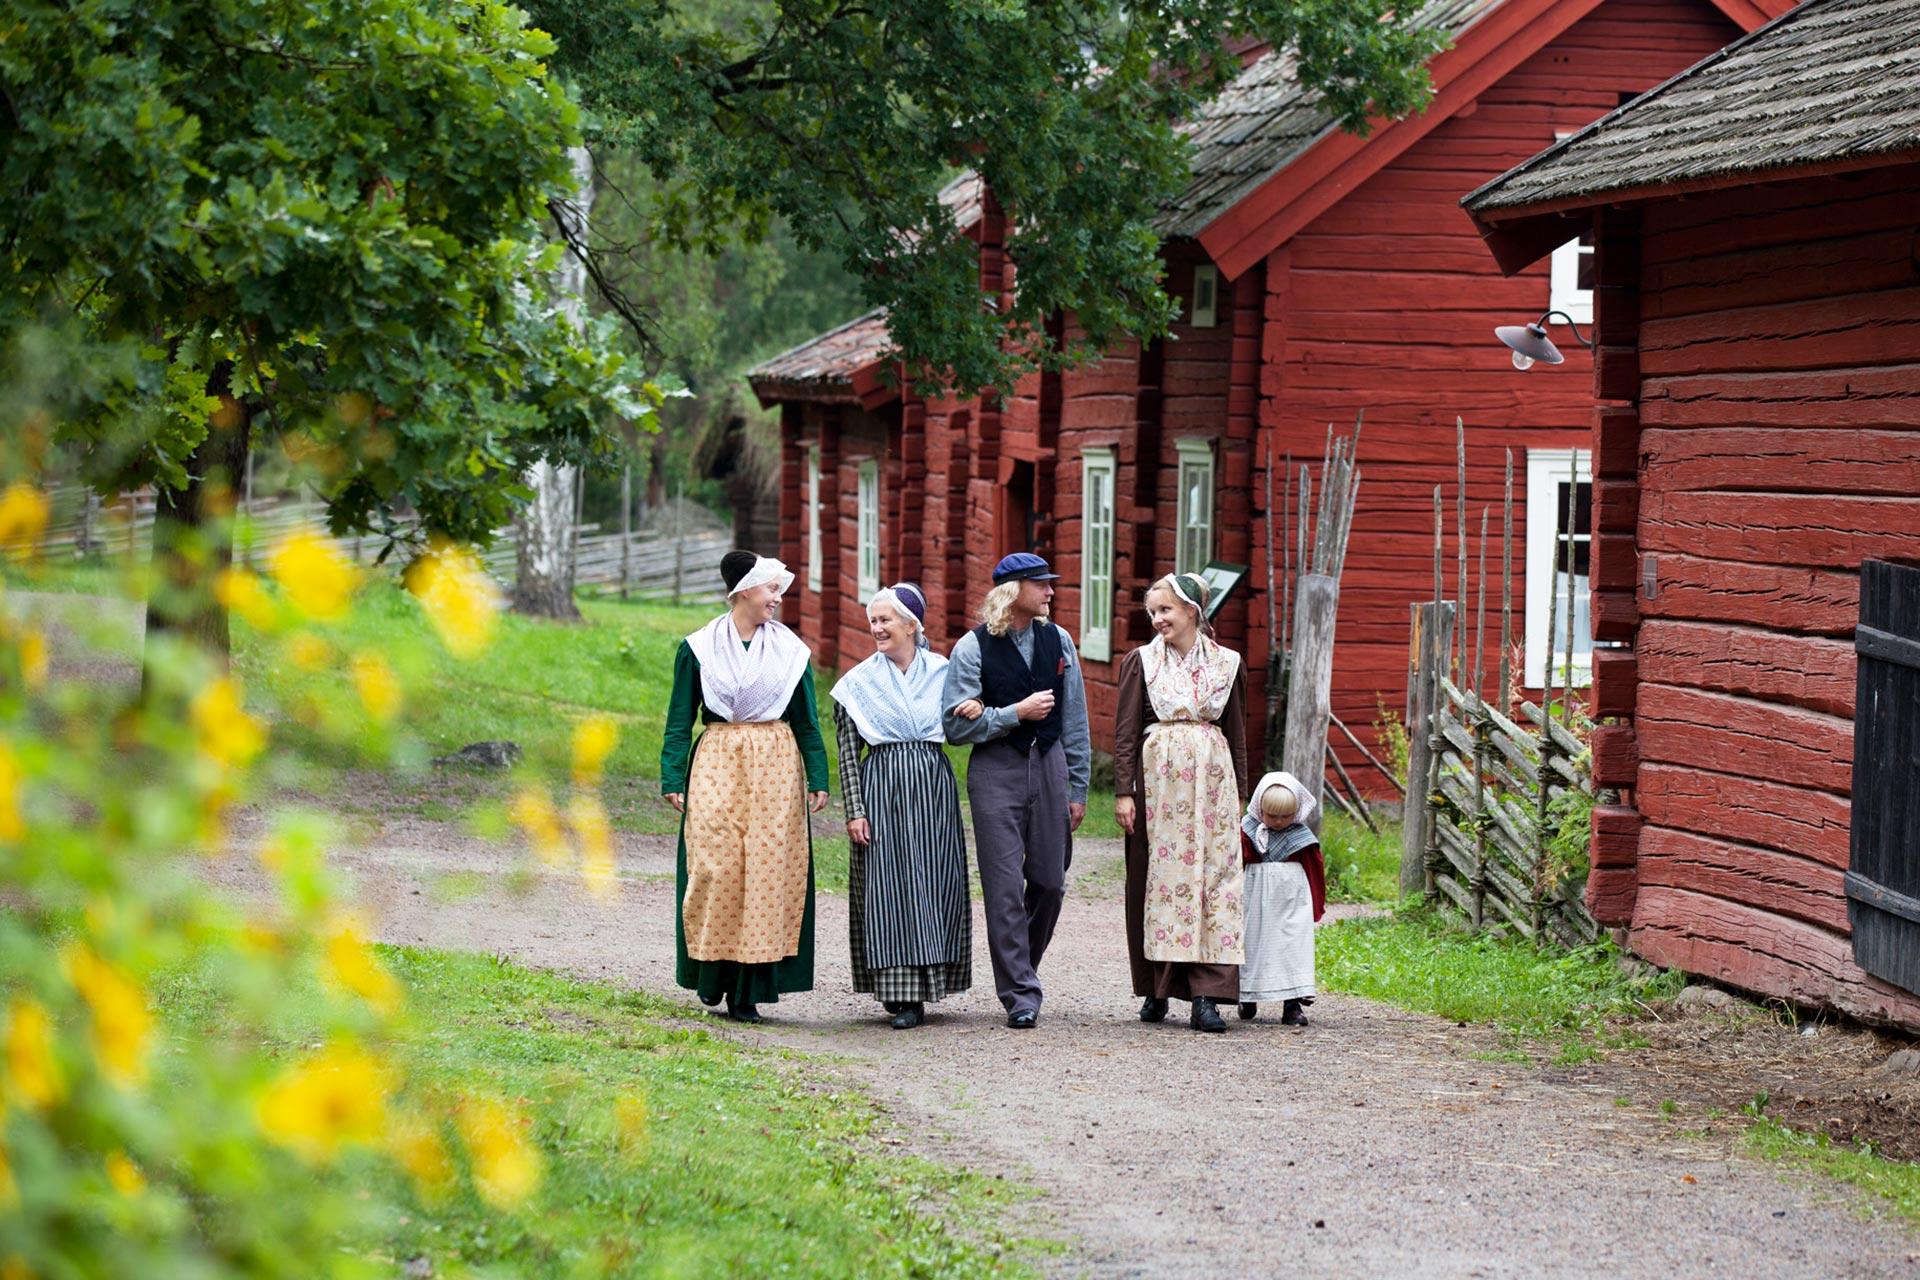 Barn, vuxna och äldre i tidsenliga kläder på Vallby Friluftsmuseum i Västerås. Fotograf: Laila Duran